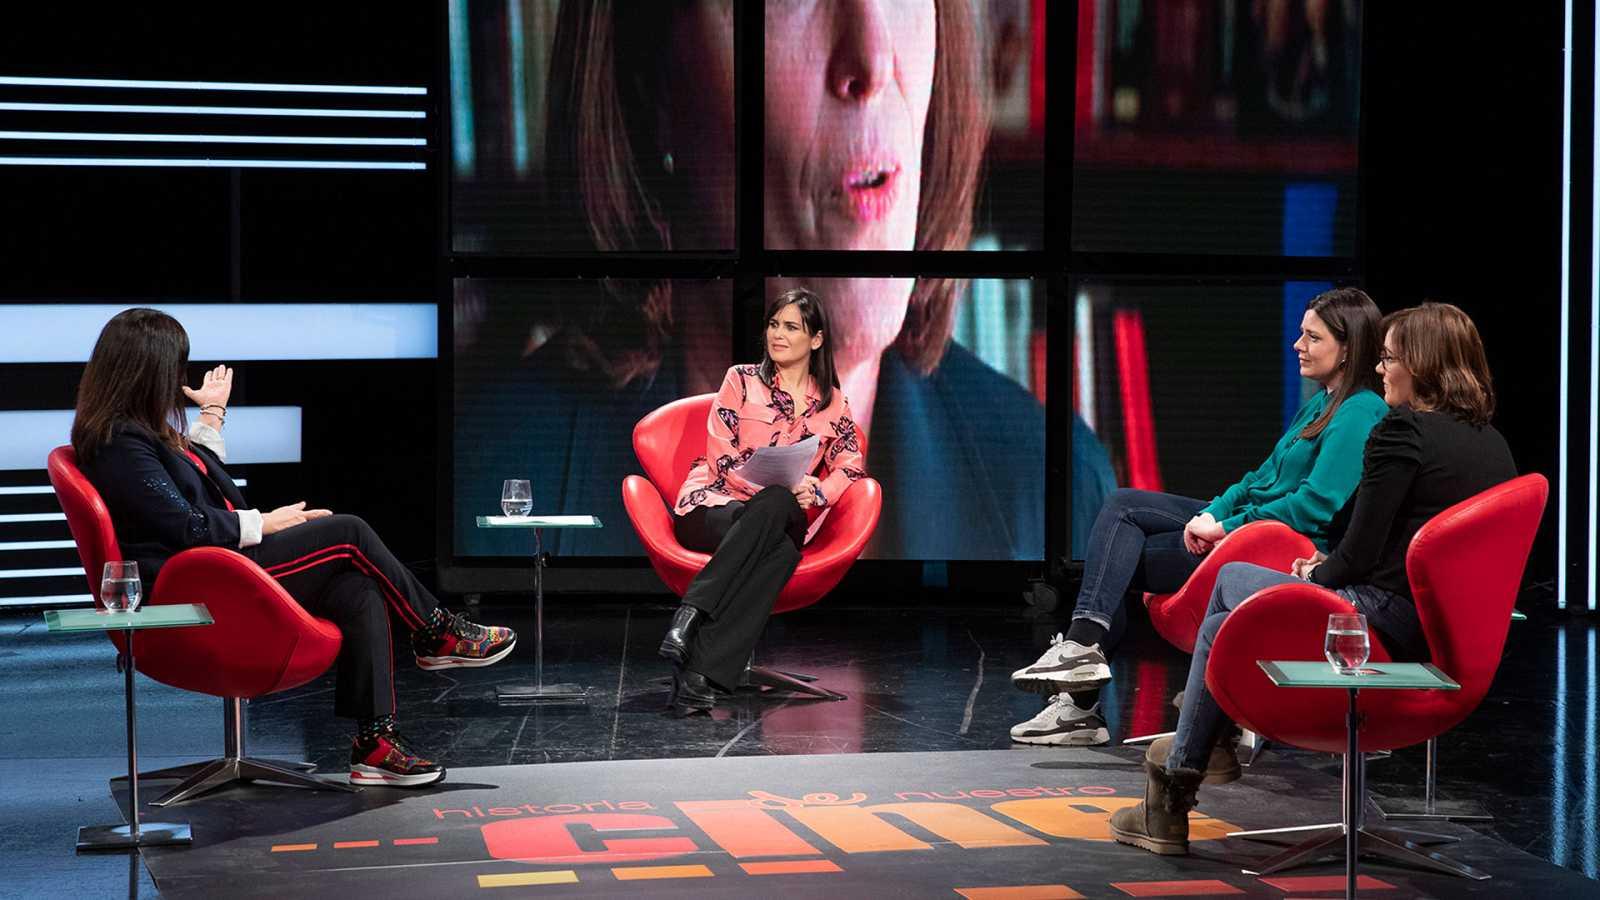 Historia de nuestro cine - Coloquio: Directoras - ver ahora